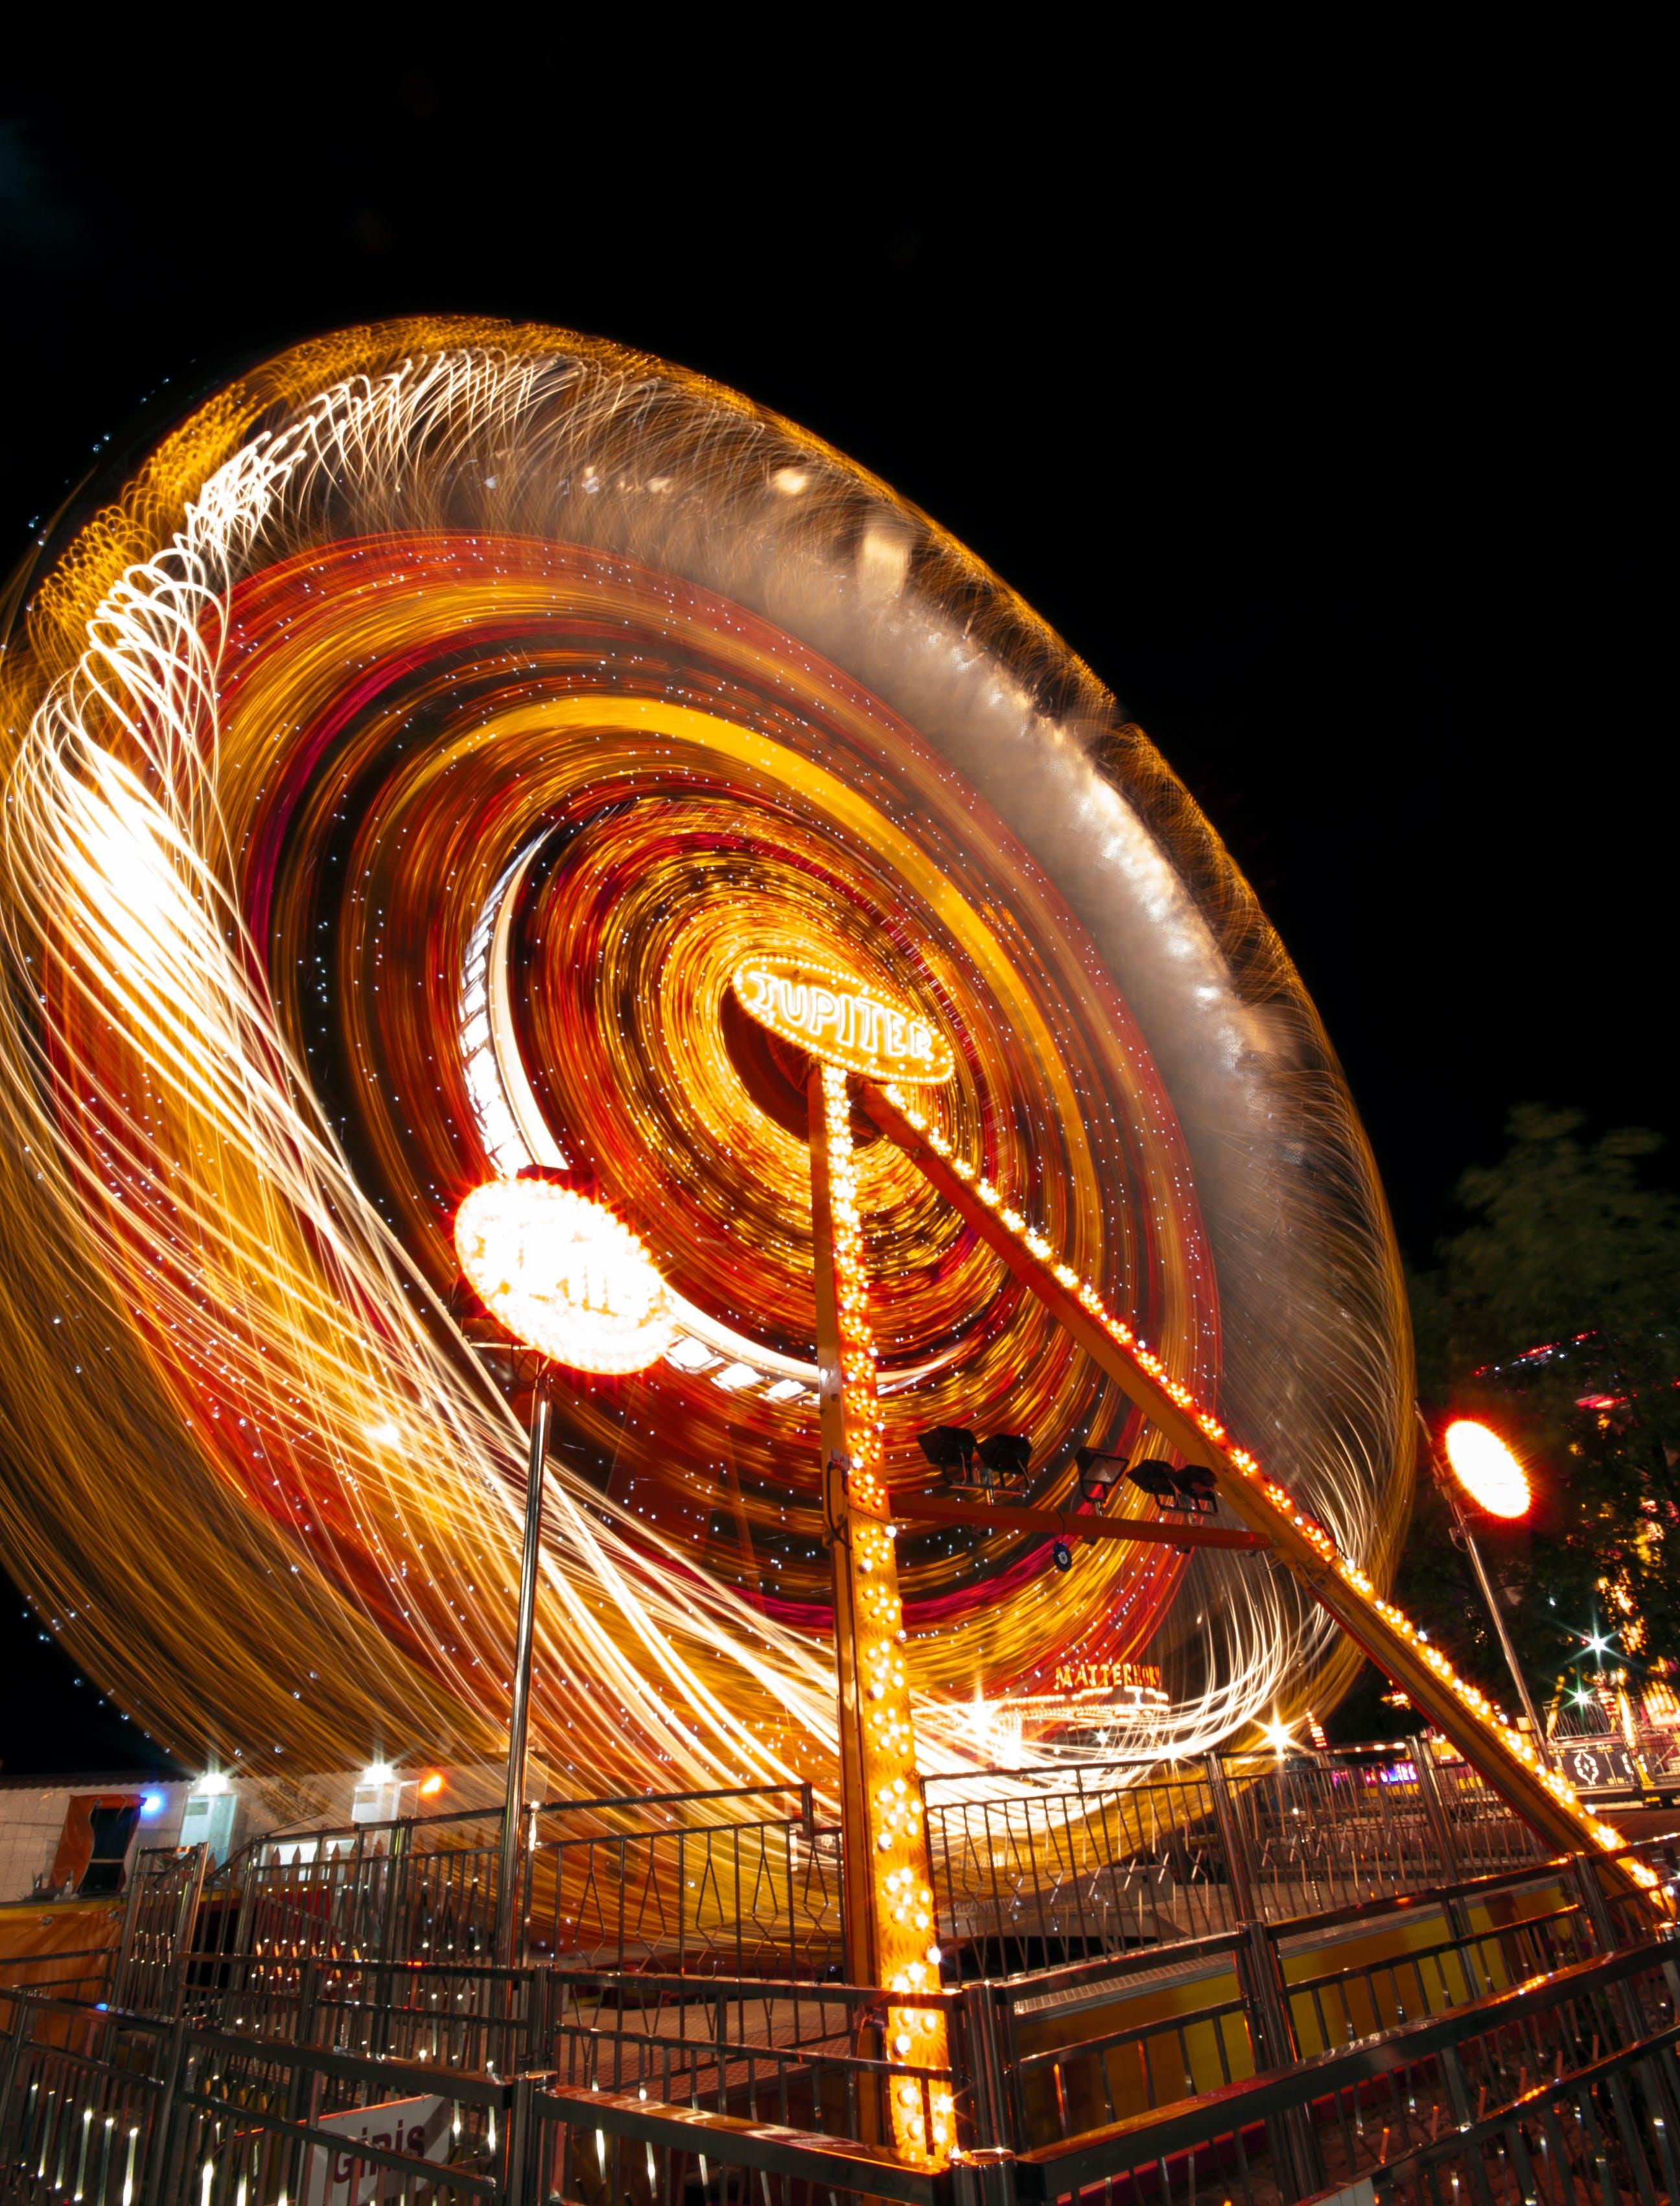 Gratis stockfoto met attractiepark, avond, belicht, beweging